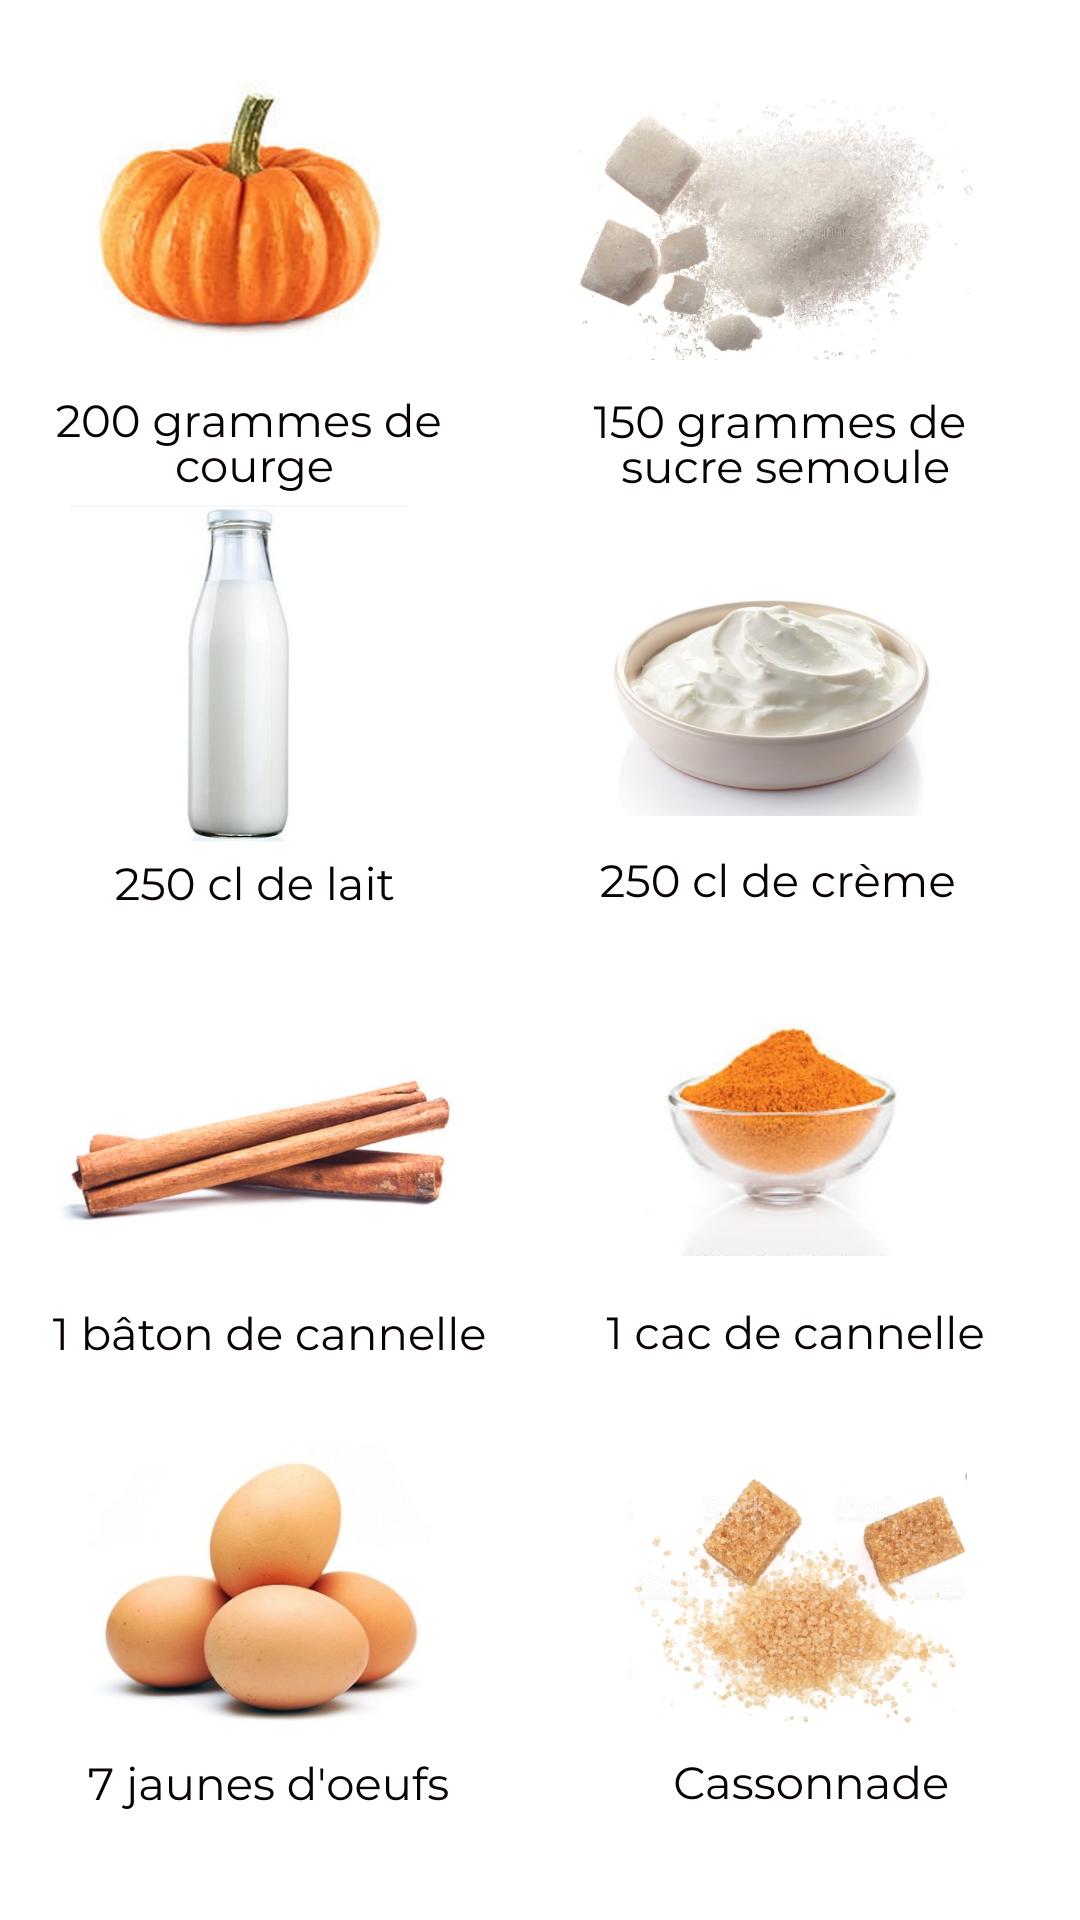 Ingrédients : Crème brûlée courge-cannelle